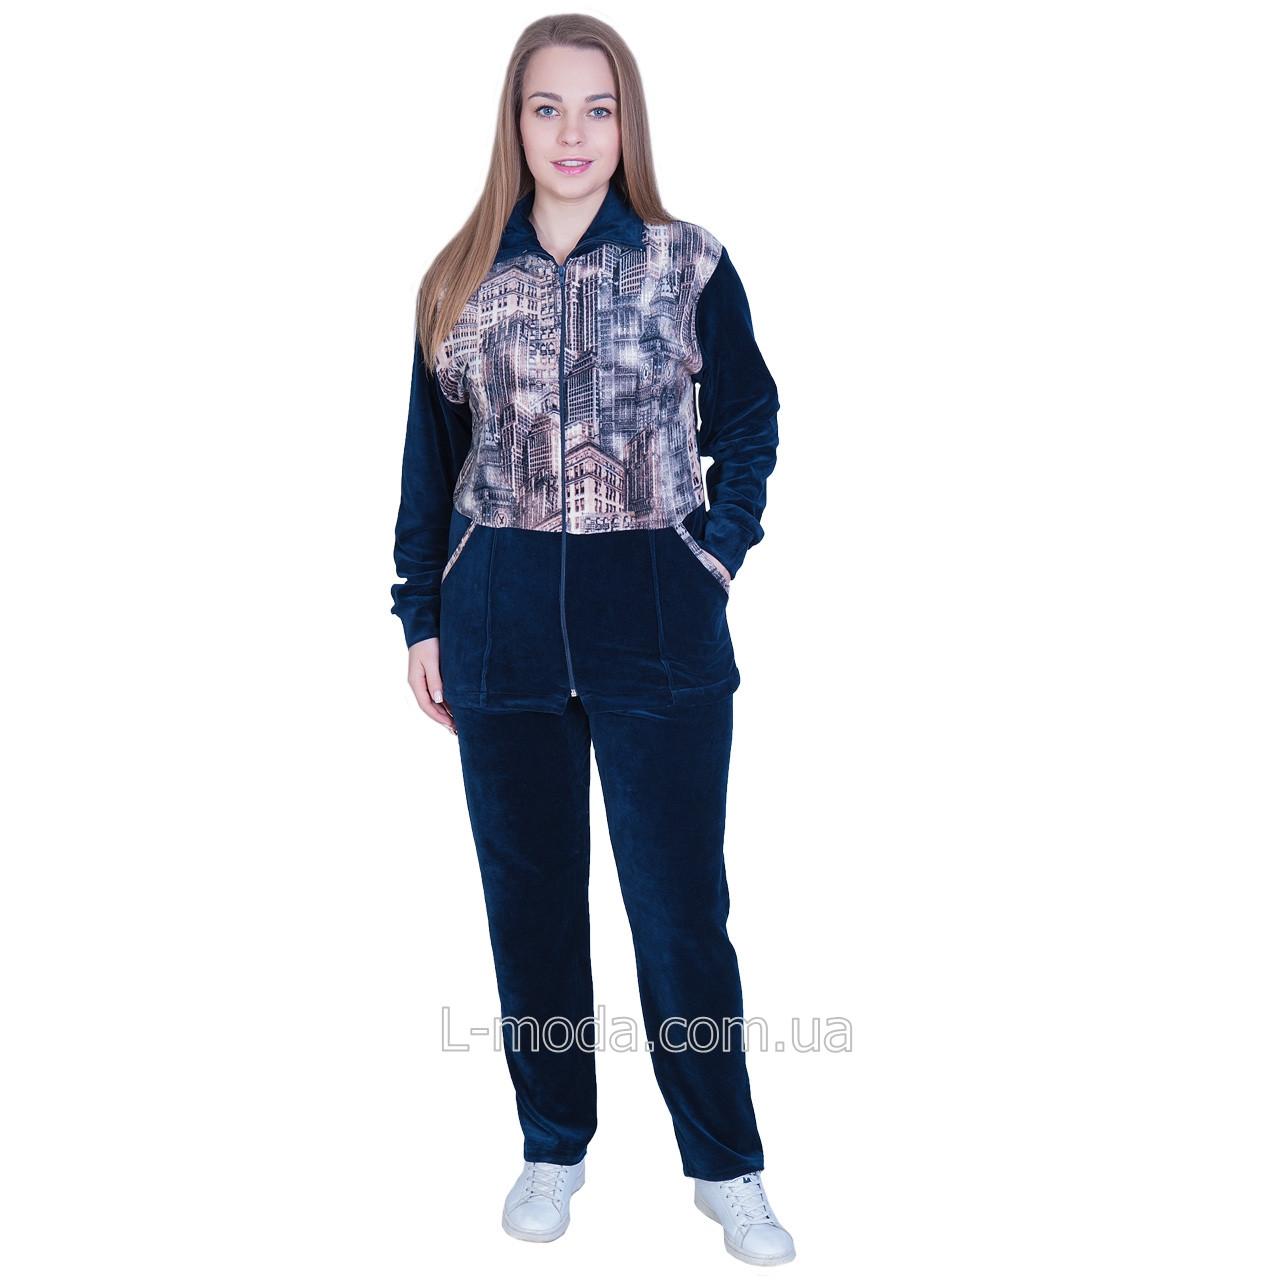 Спортивный костюм женский велюровый принт